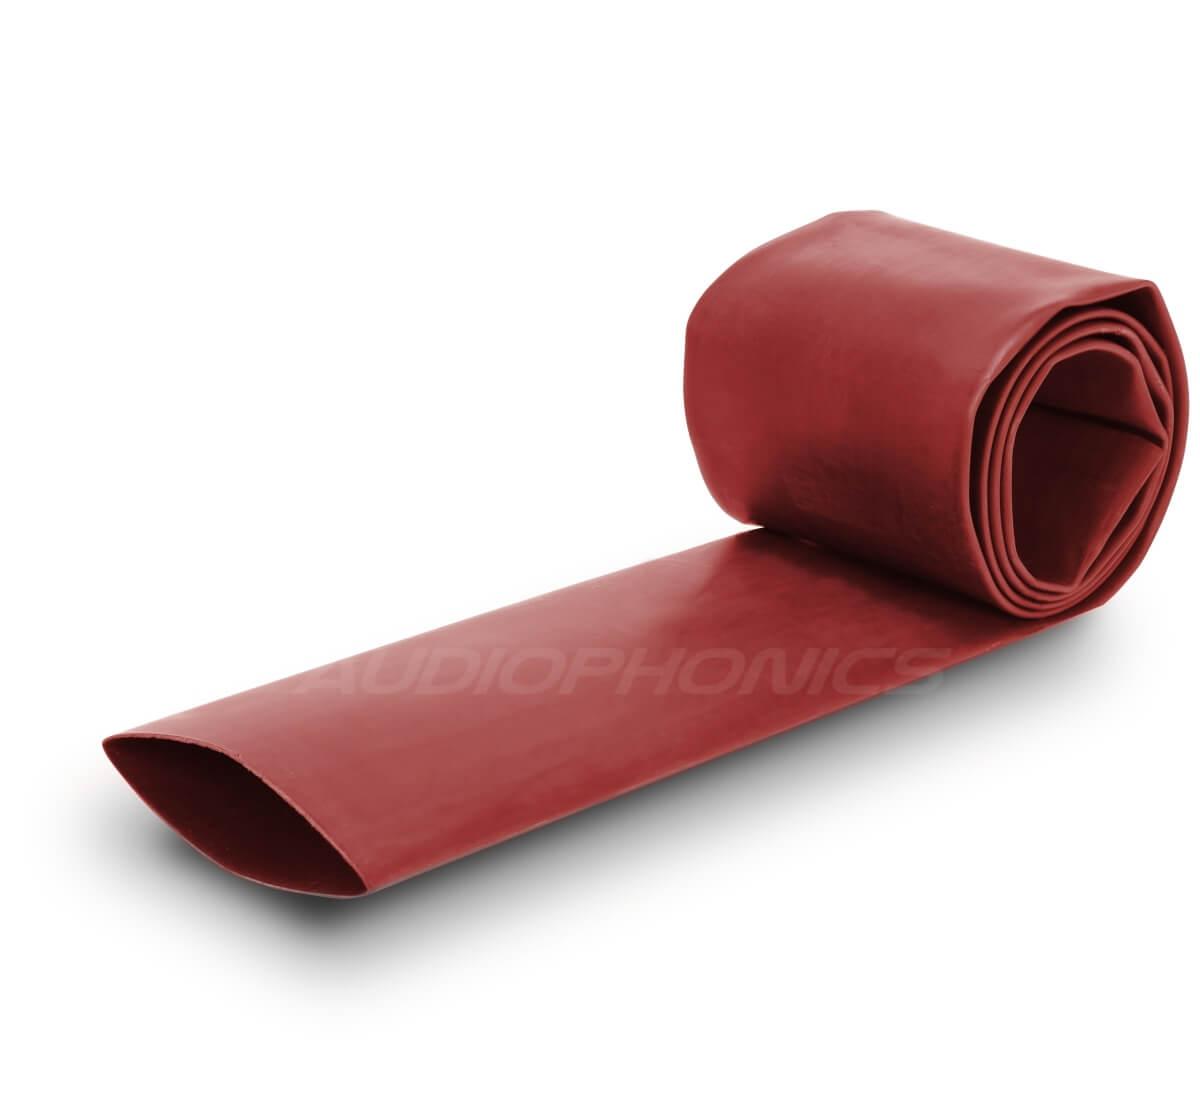 Heat-shrink tubing 2:1 Ø50mm Red (1m)